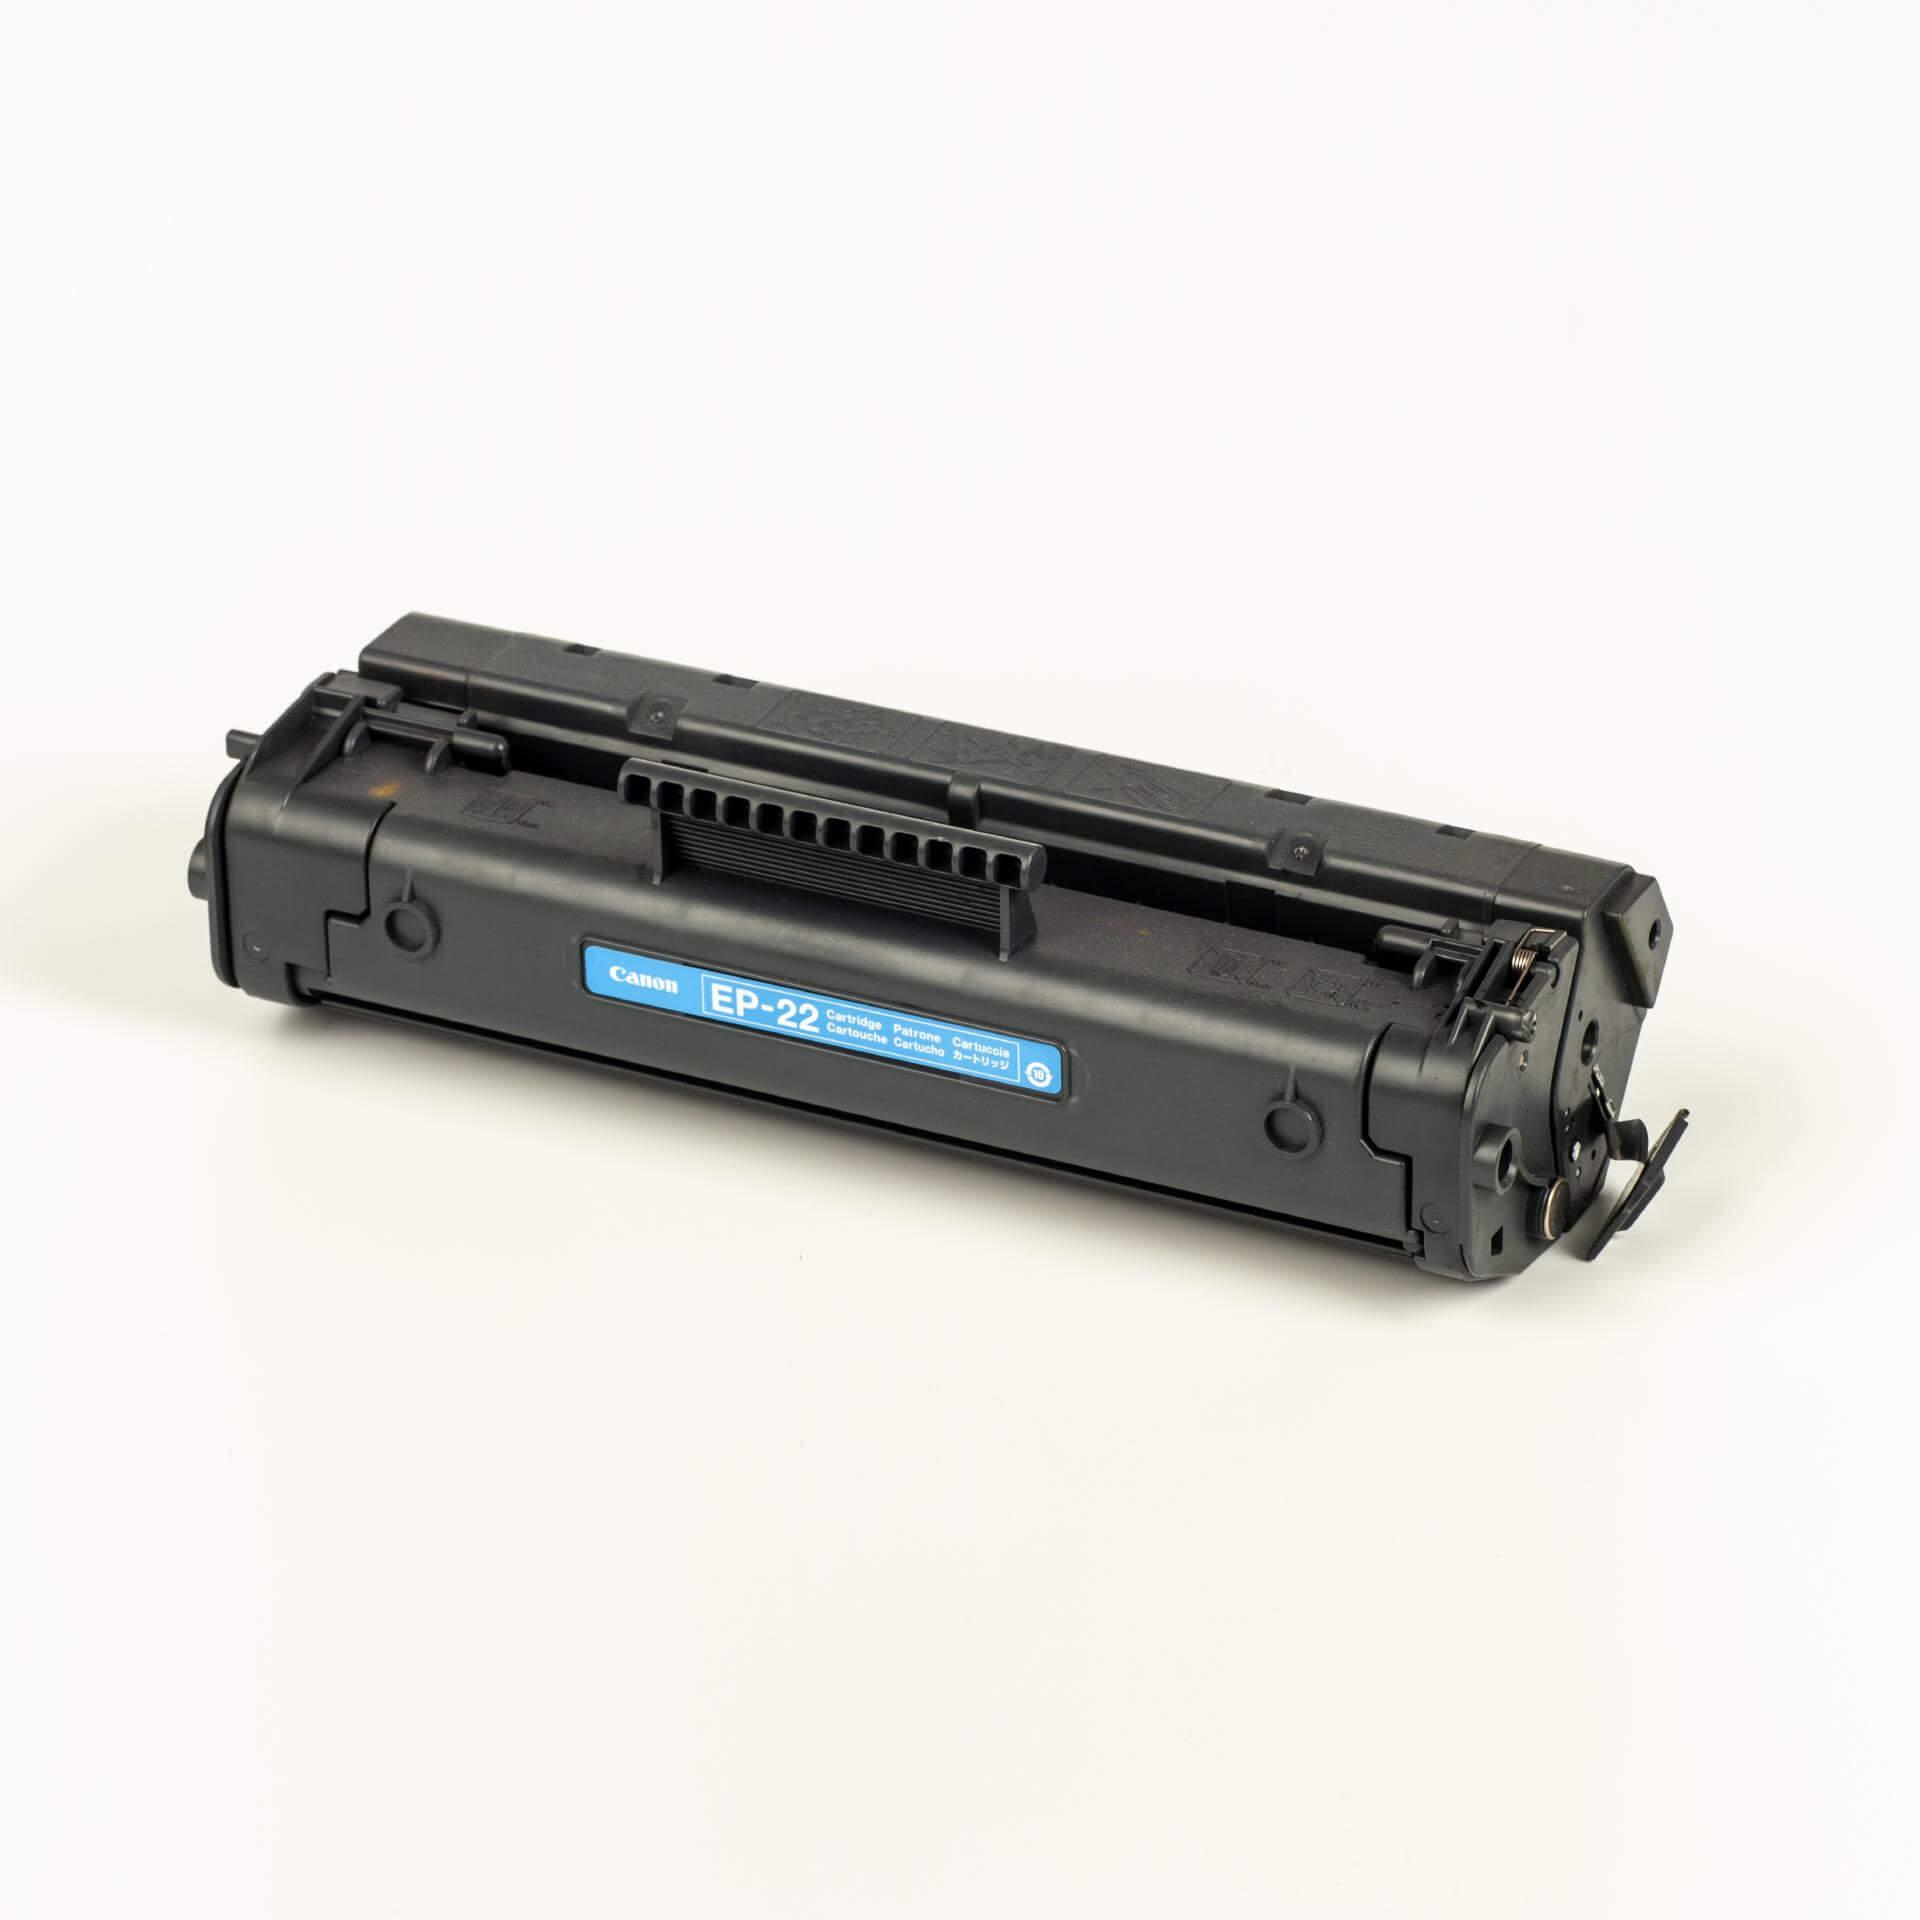 Auf dem Bild sehen Sie eine Canon 1550A003 EP-22 Tonerkartusche schwarz